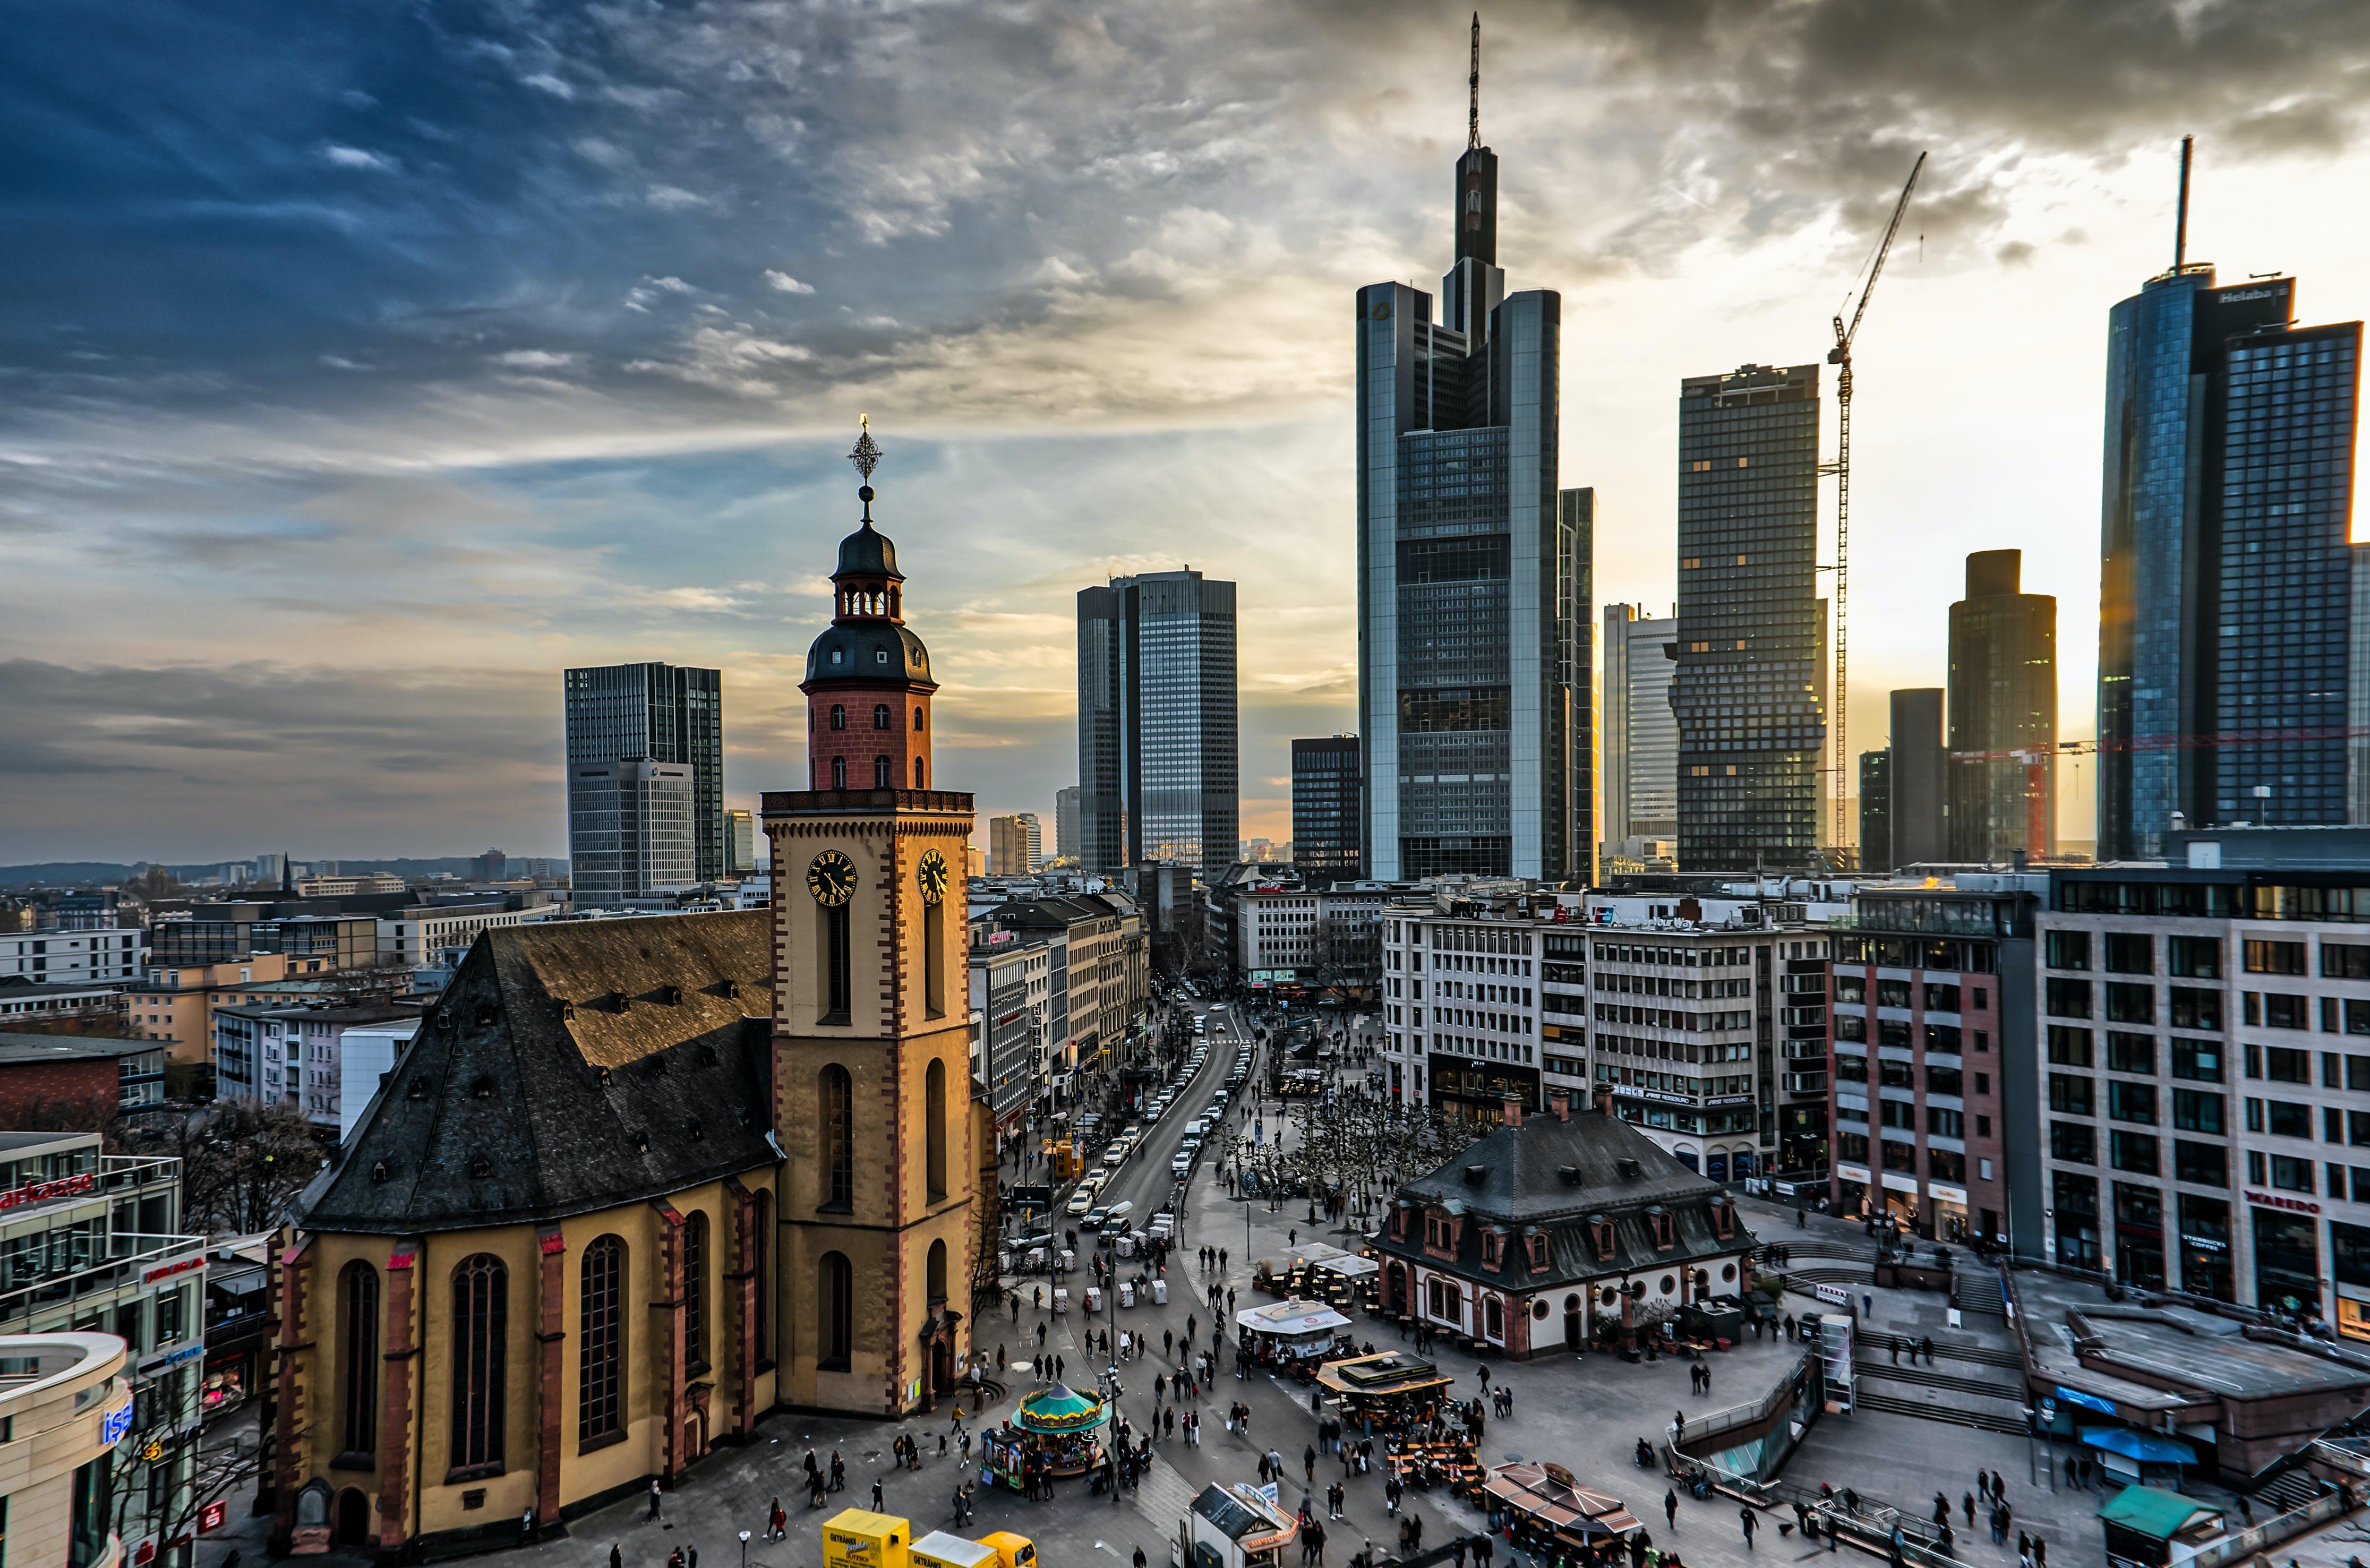 가장 높은, 건물, 건물 외장, 건축의 무료 스톡 사진